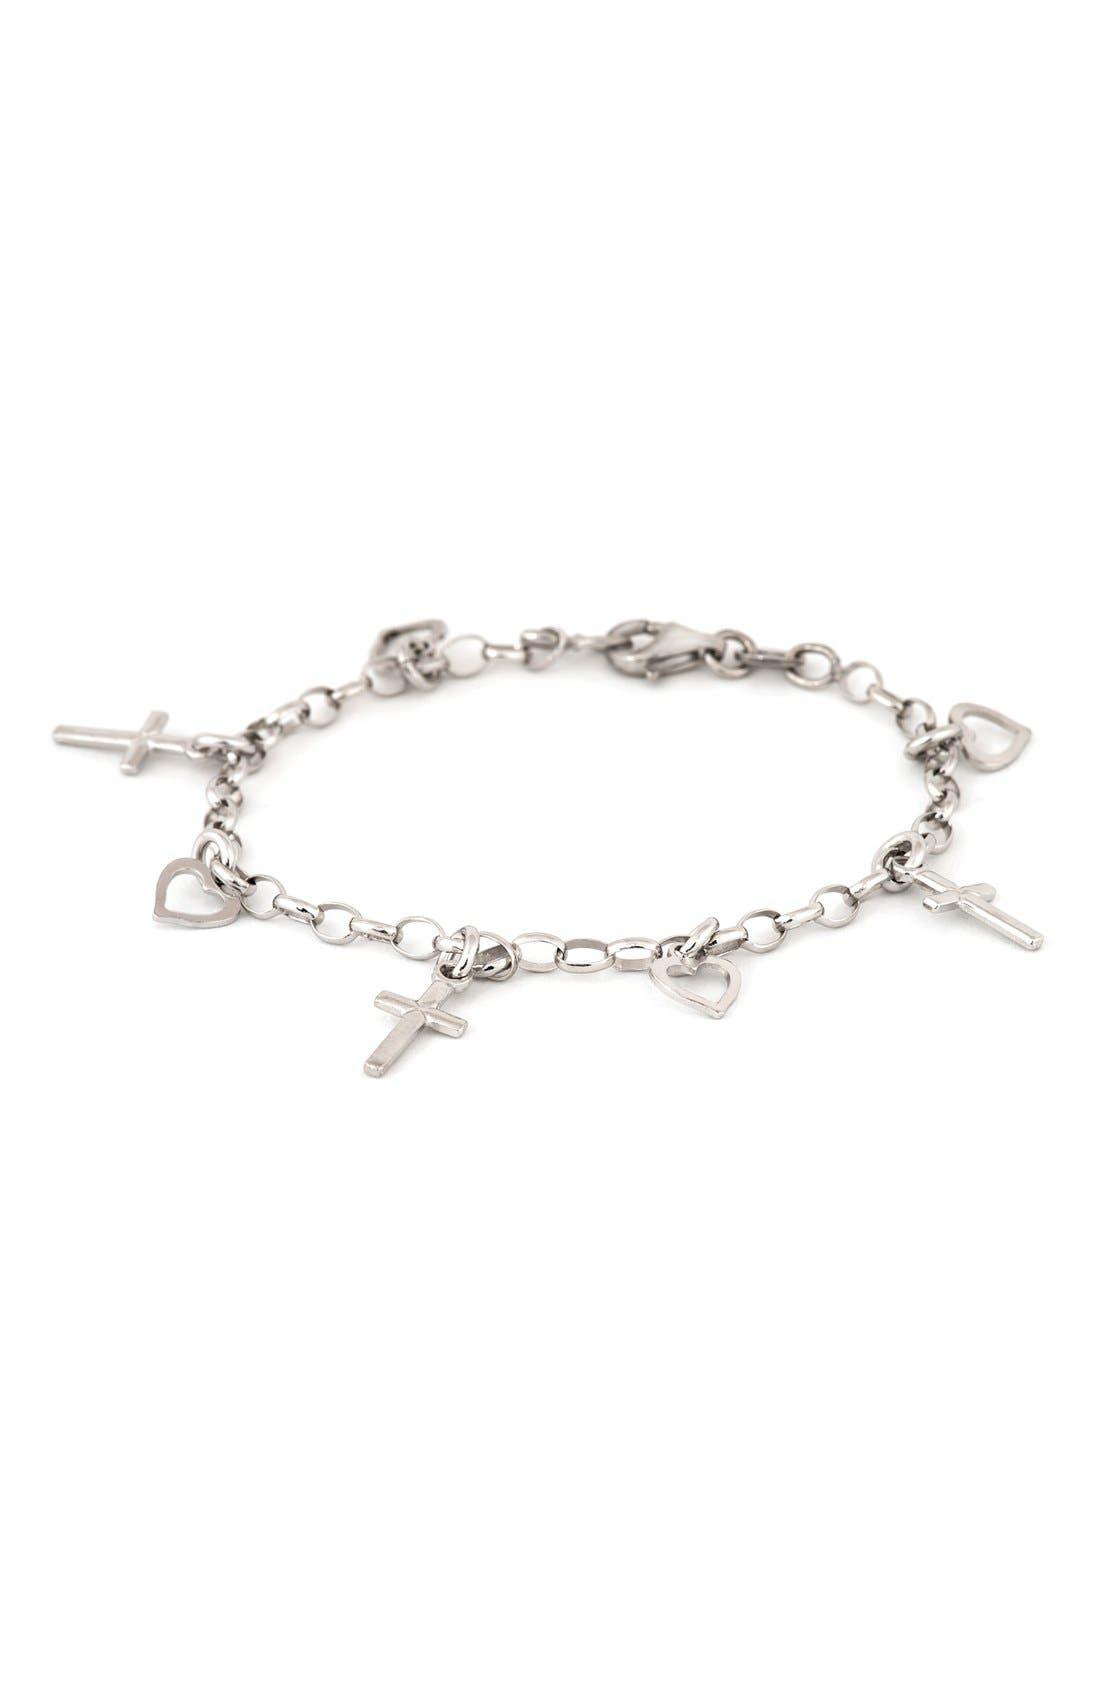 Main Image - Speidel Cross & Heart Sterling Silver Charm Bracelet (Girls)